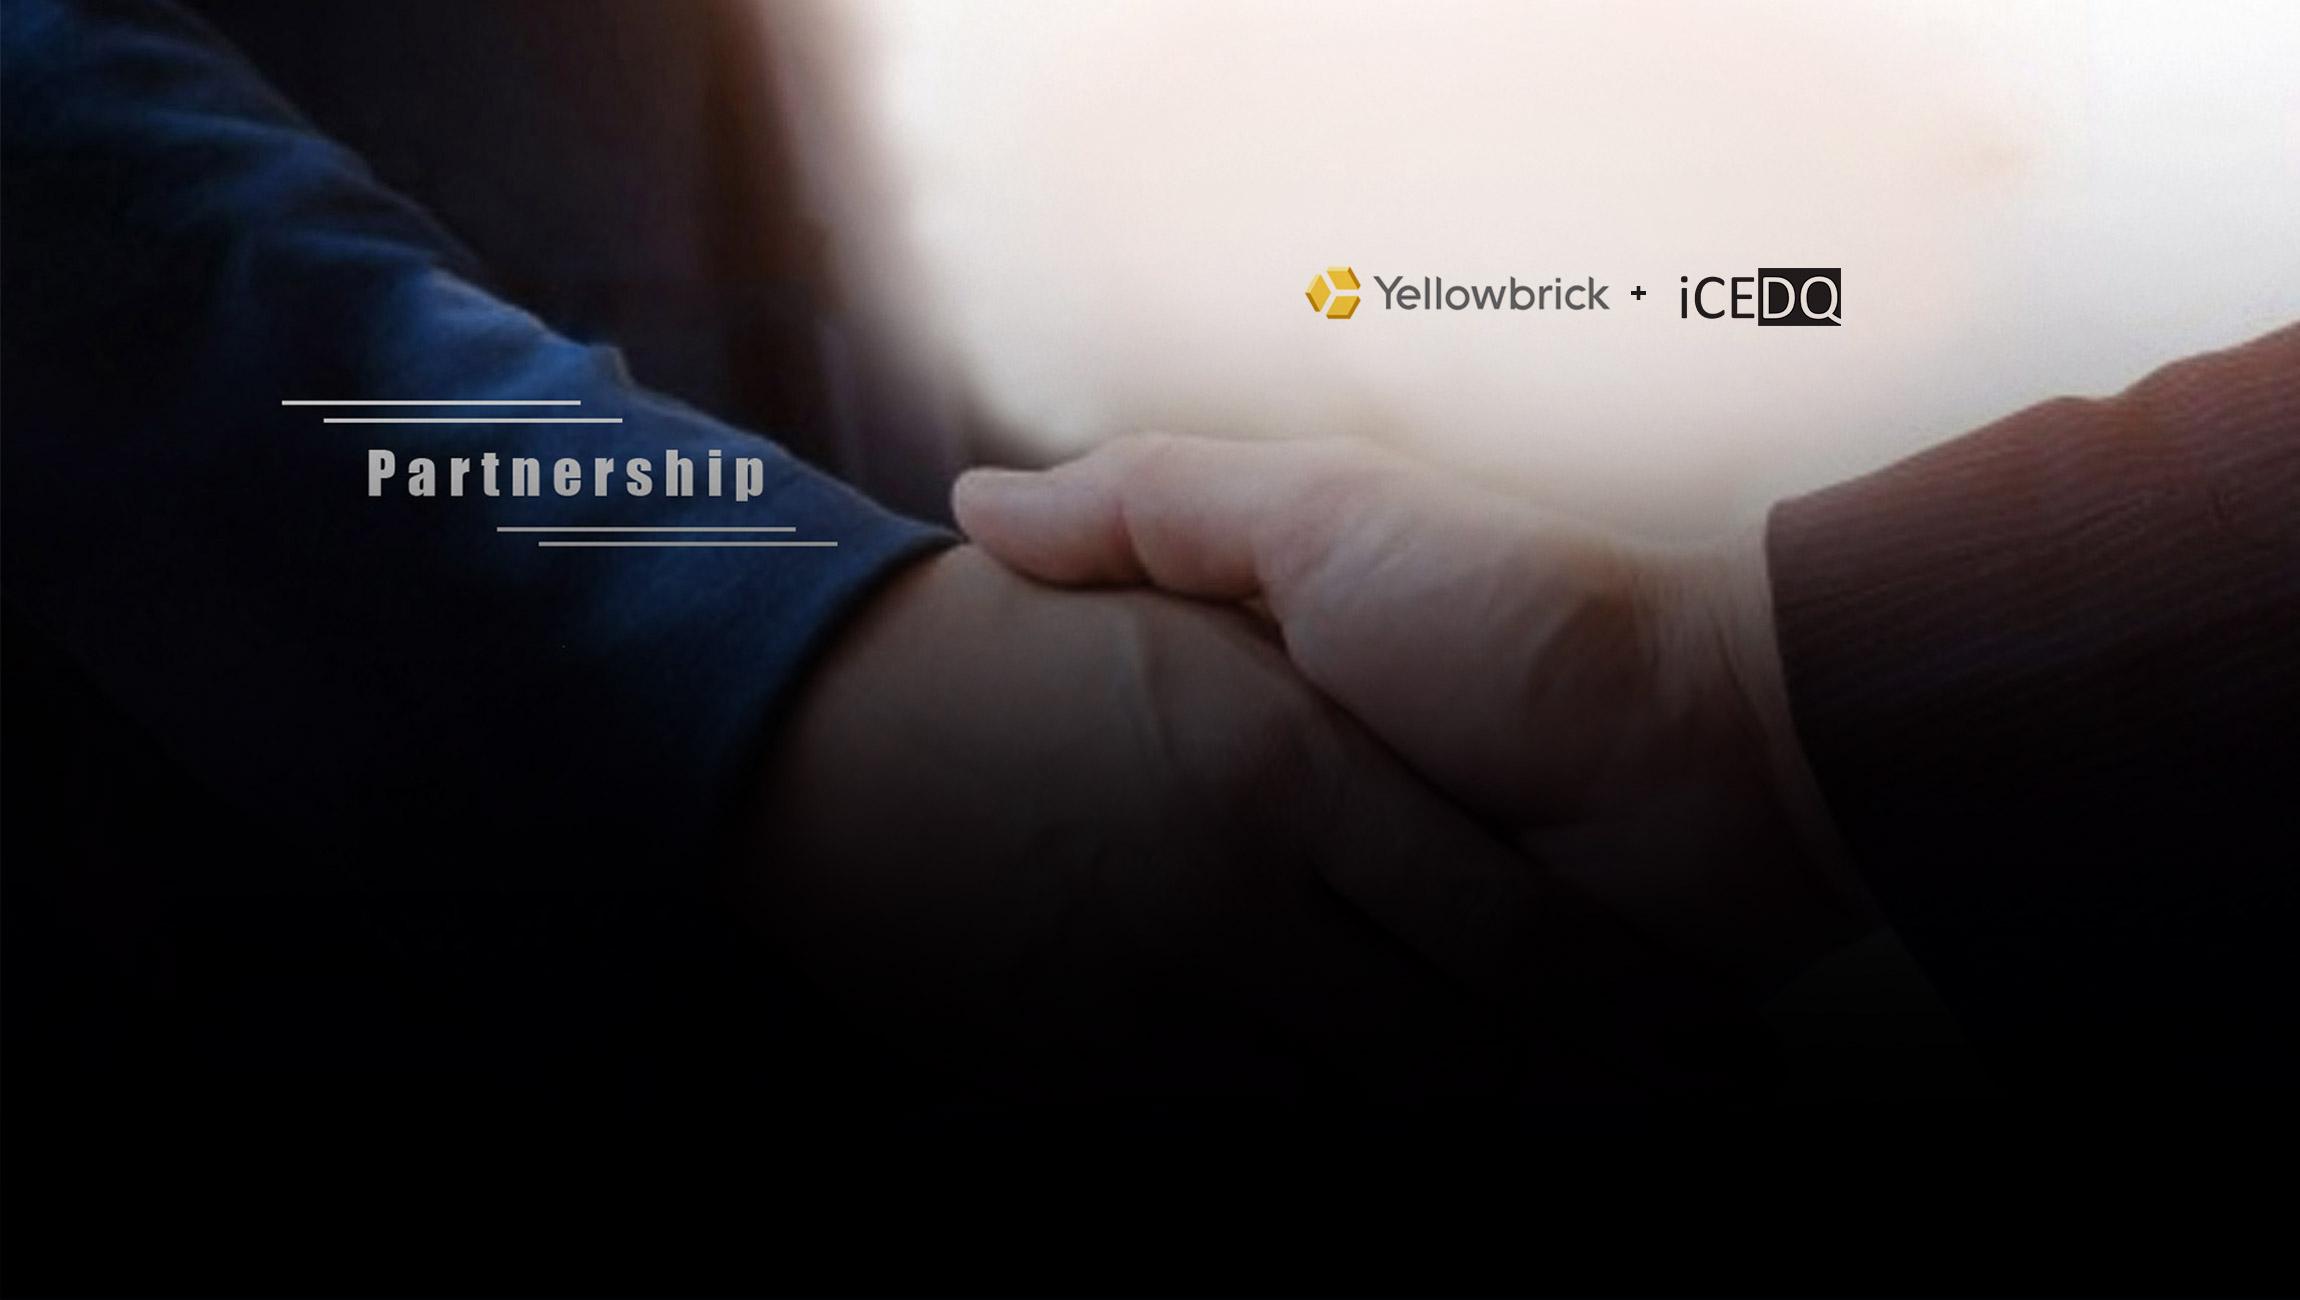 Yellowbrick-and-iCEDQ-Partner-to-Provide-Data-Integrity-in-Enterprise-Data-Warehouses